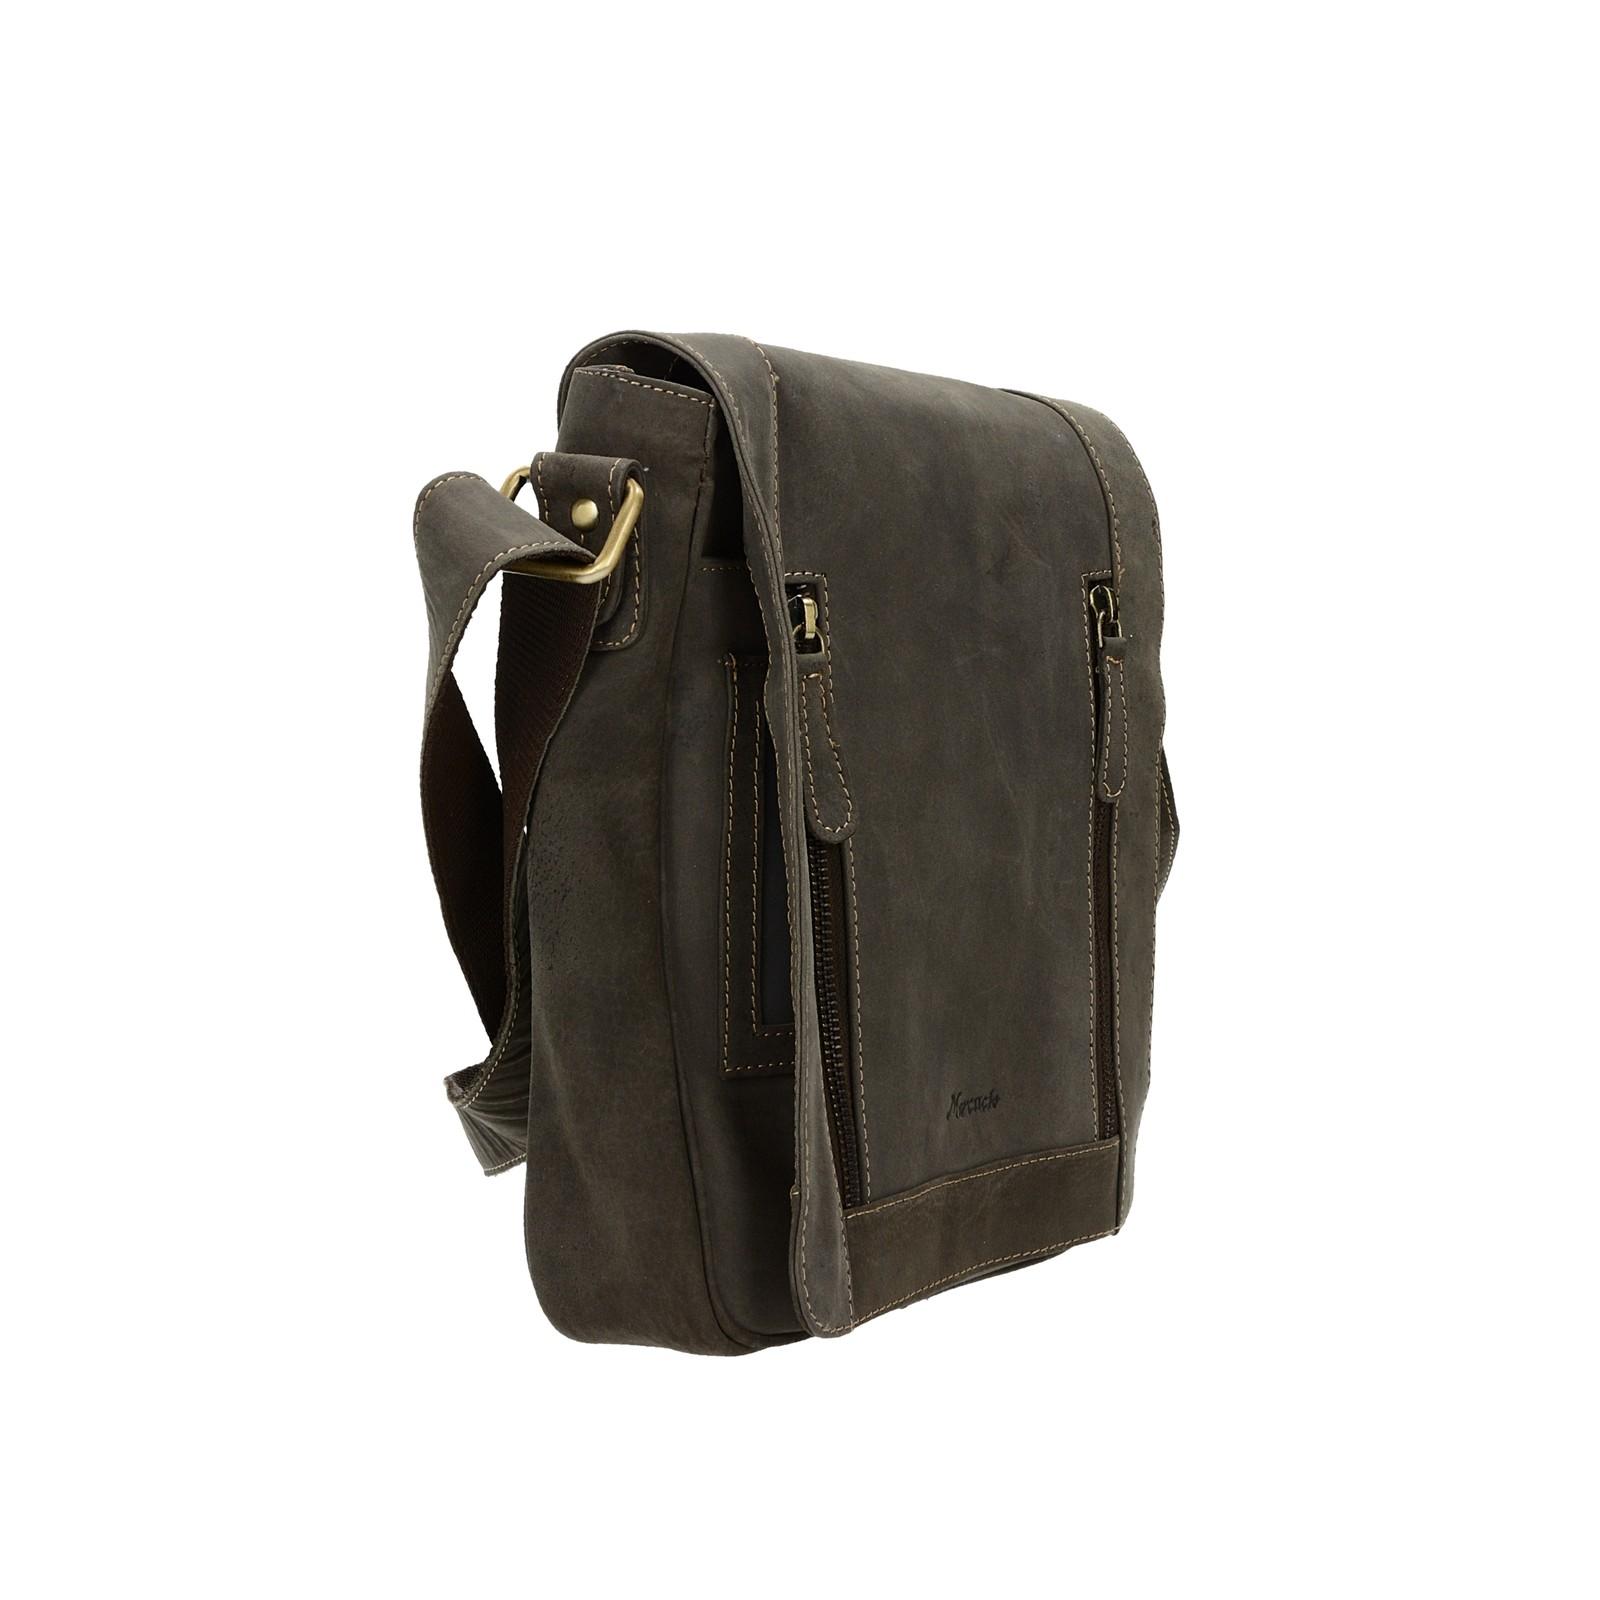 Mercucio pánska kožená praktická taška - hnedá